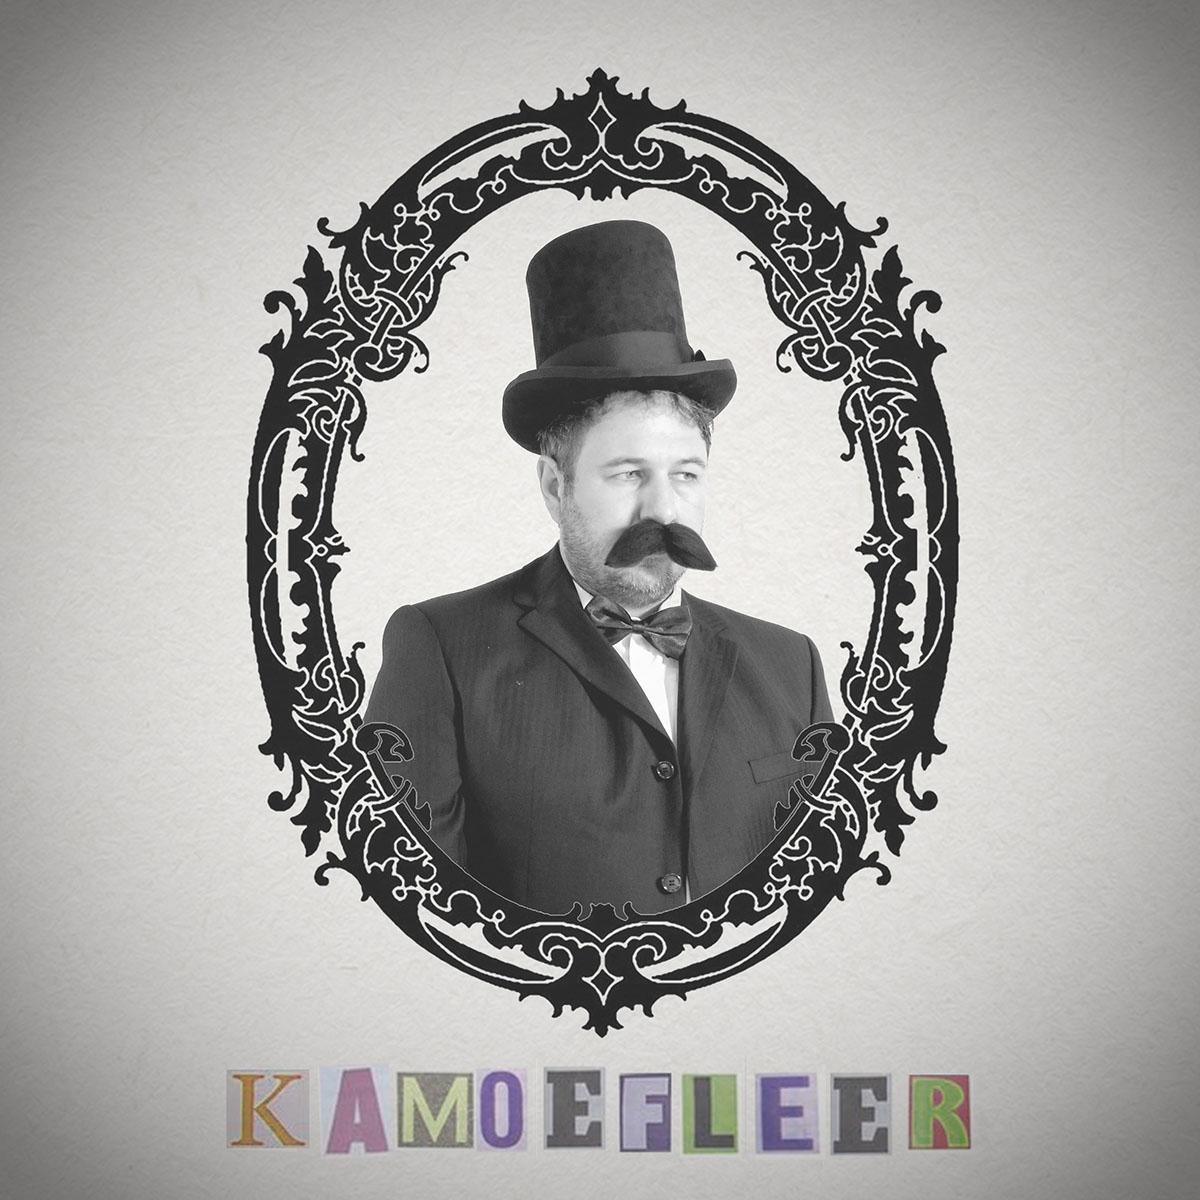 Kamoefleer - Zybrandt